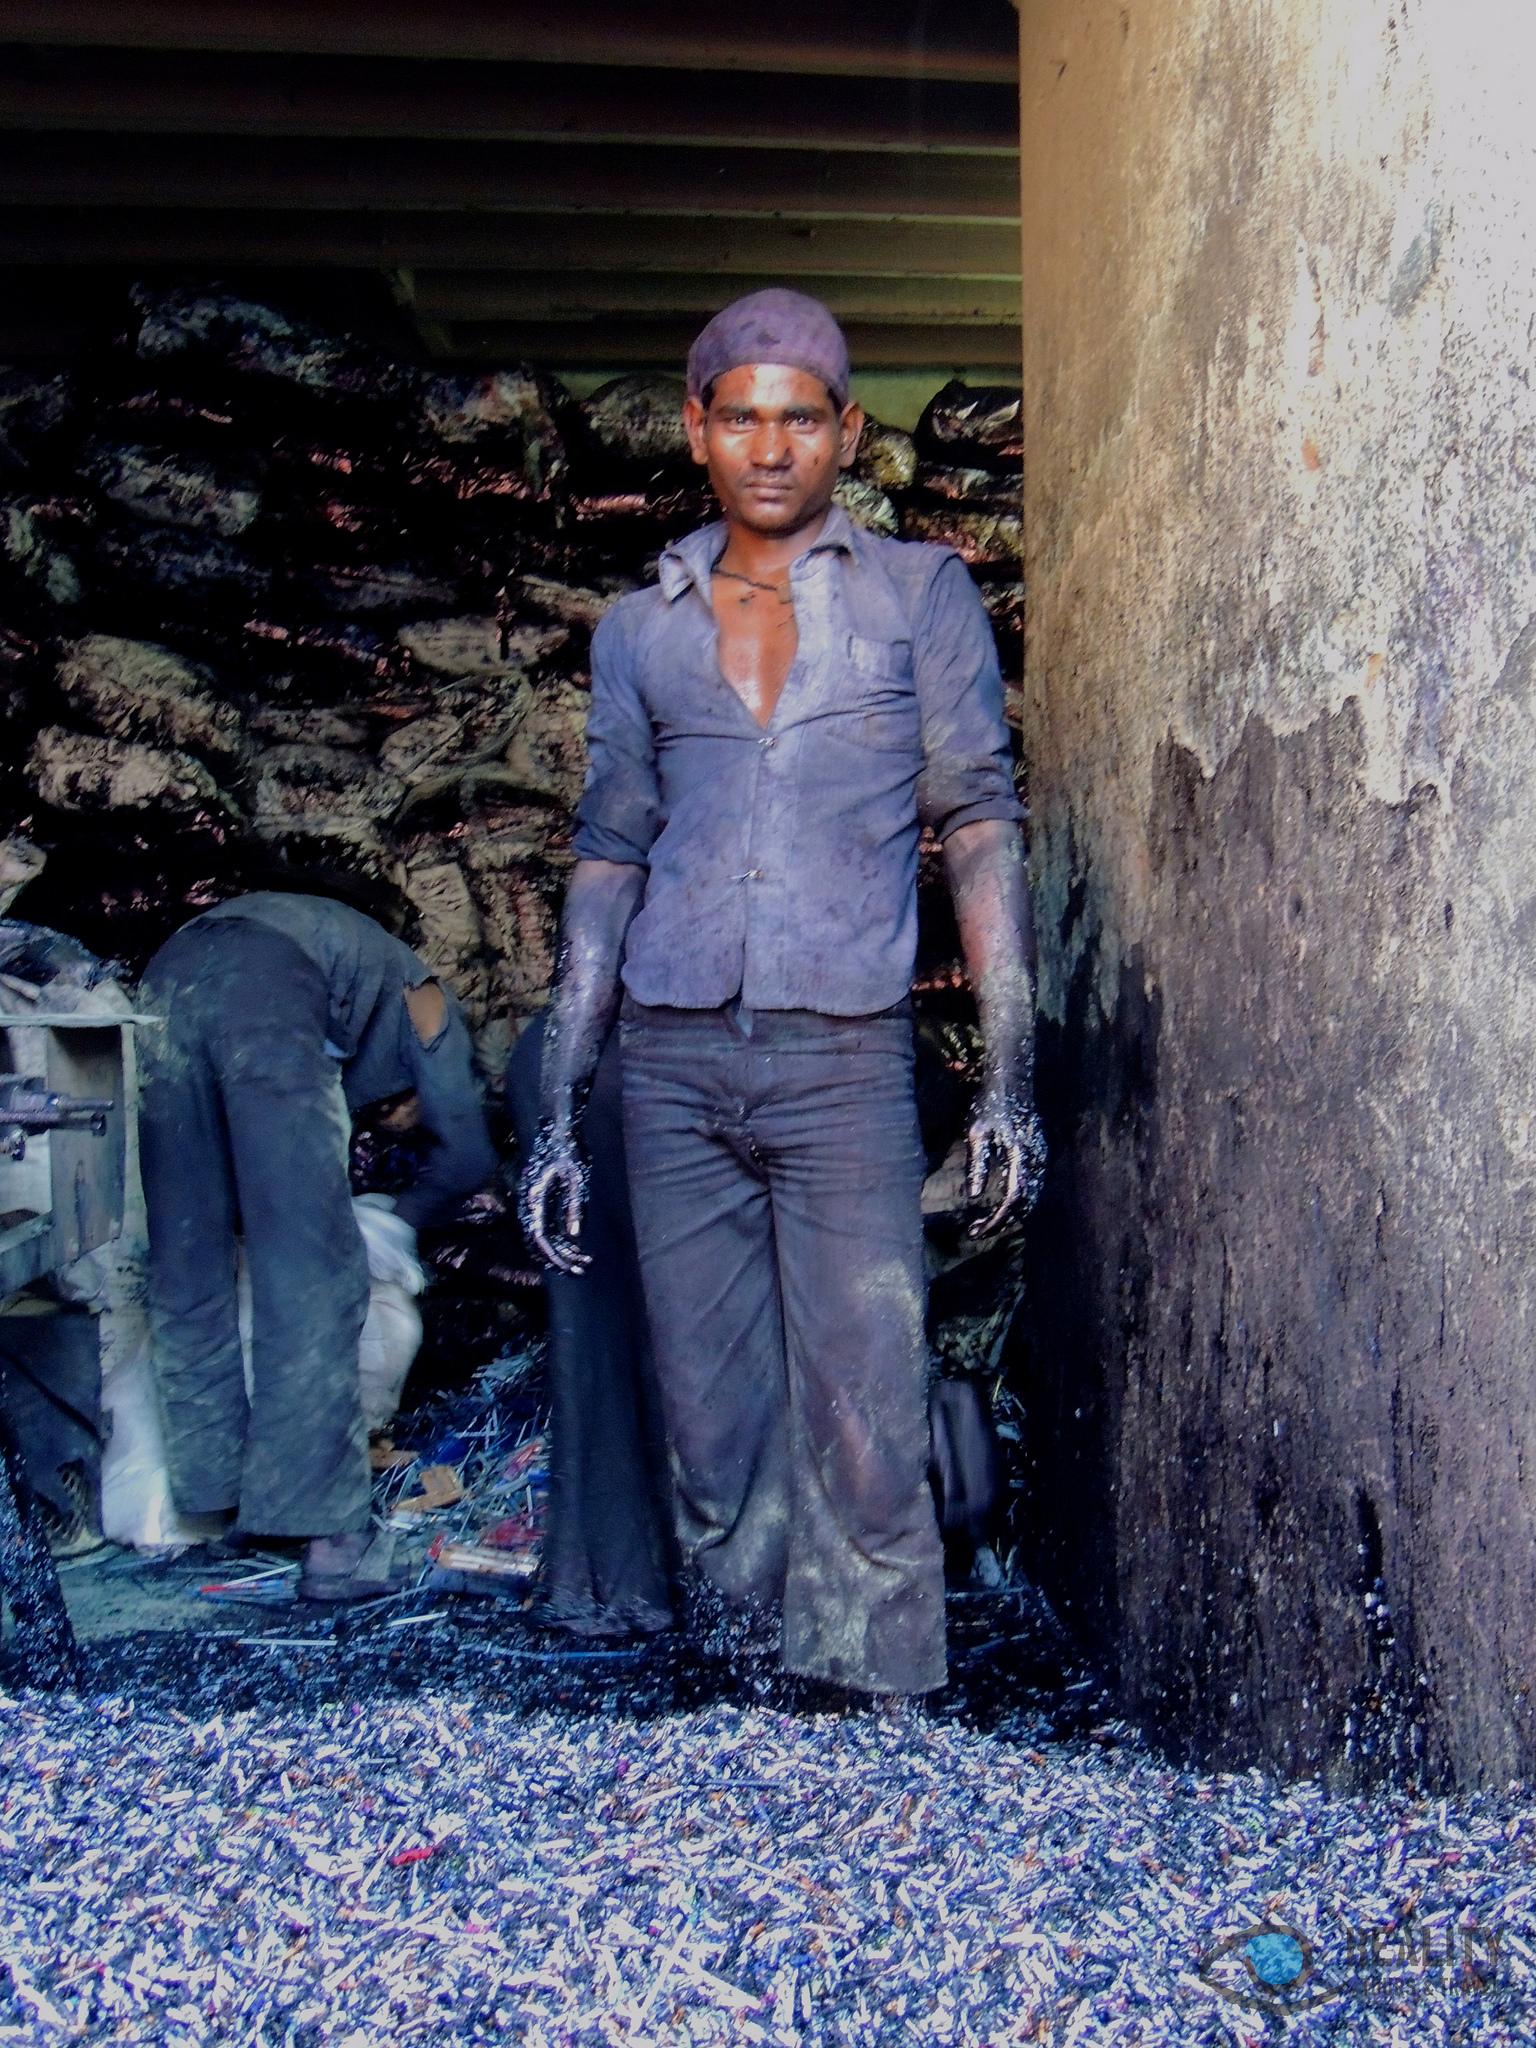 Dharavi slum, Mumbai India